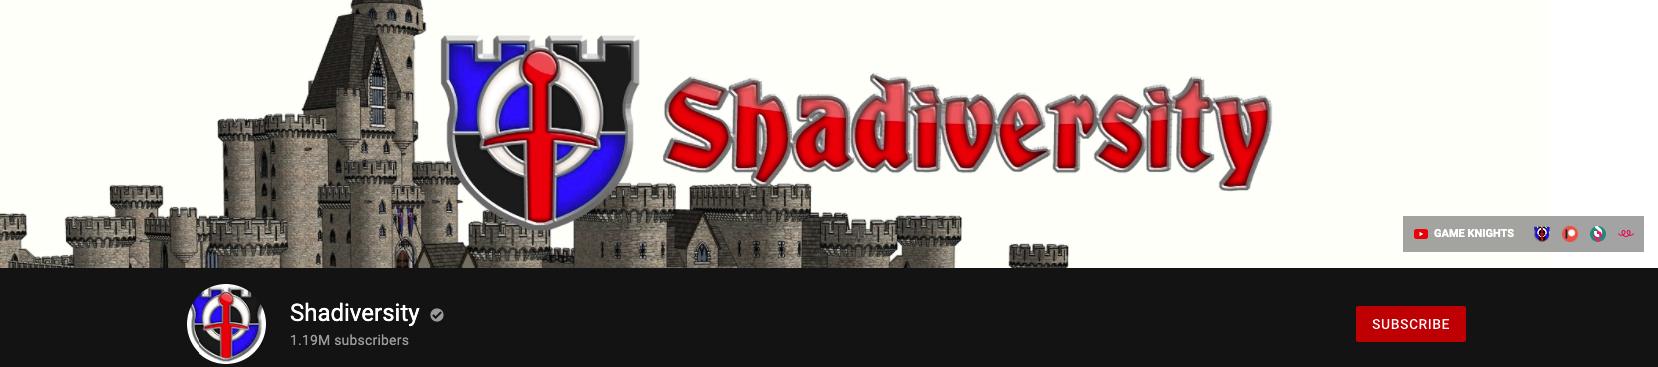 Shadiversity banner on YouTube